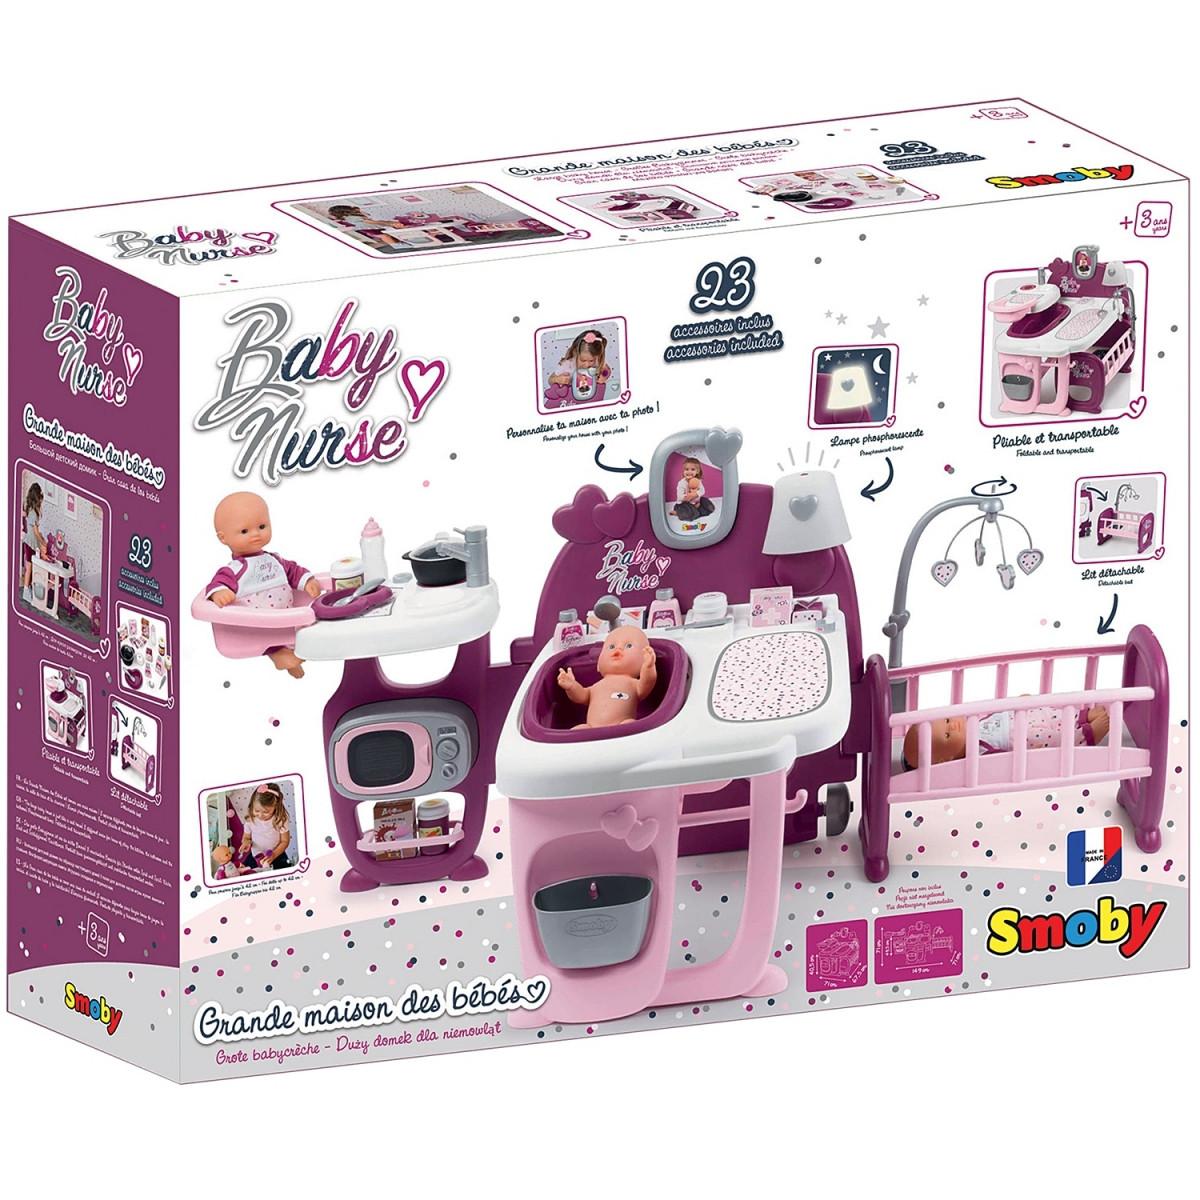 Большой игровой центр Smoby Toys Baby Nurse Прованс комната малыша с кухней, ванной, спальней и аксессуарами